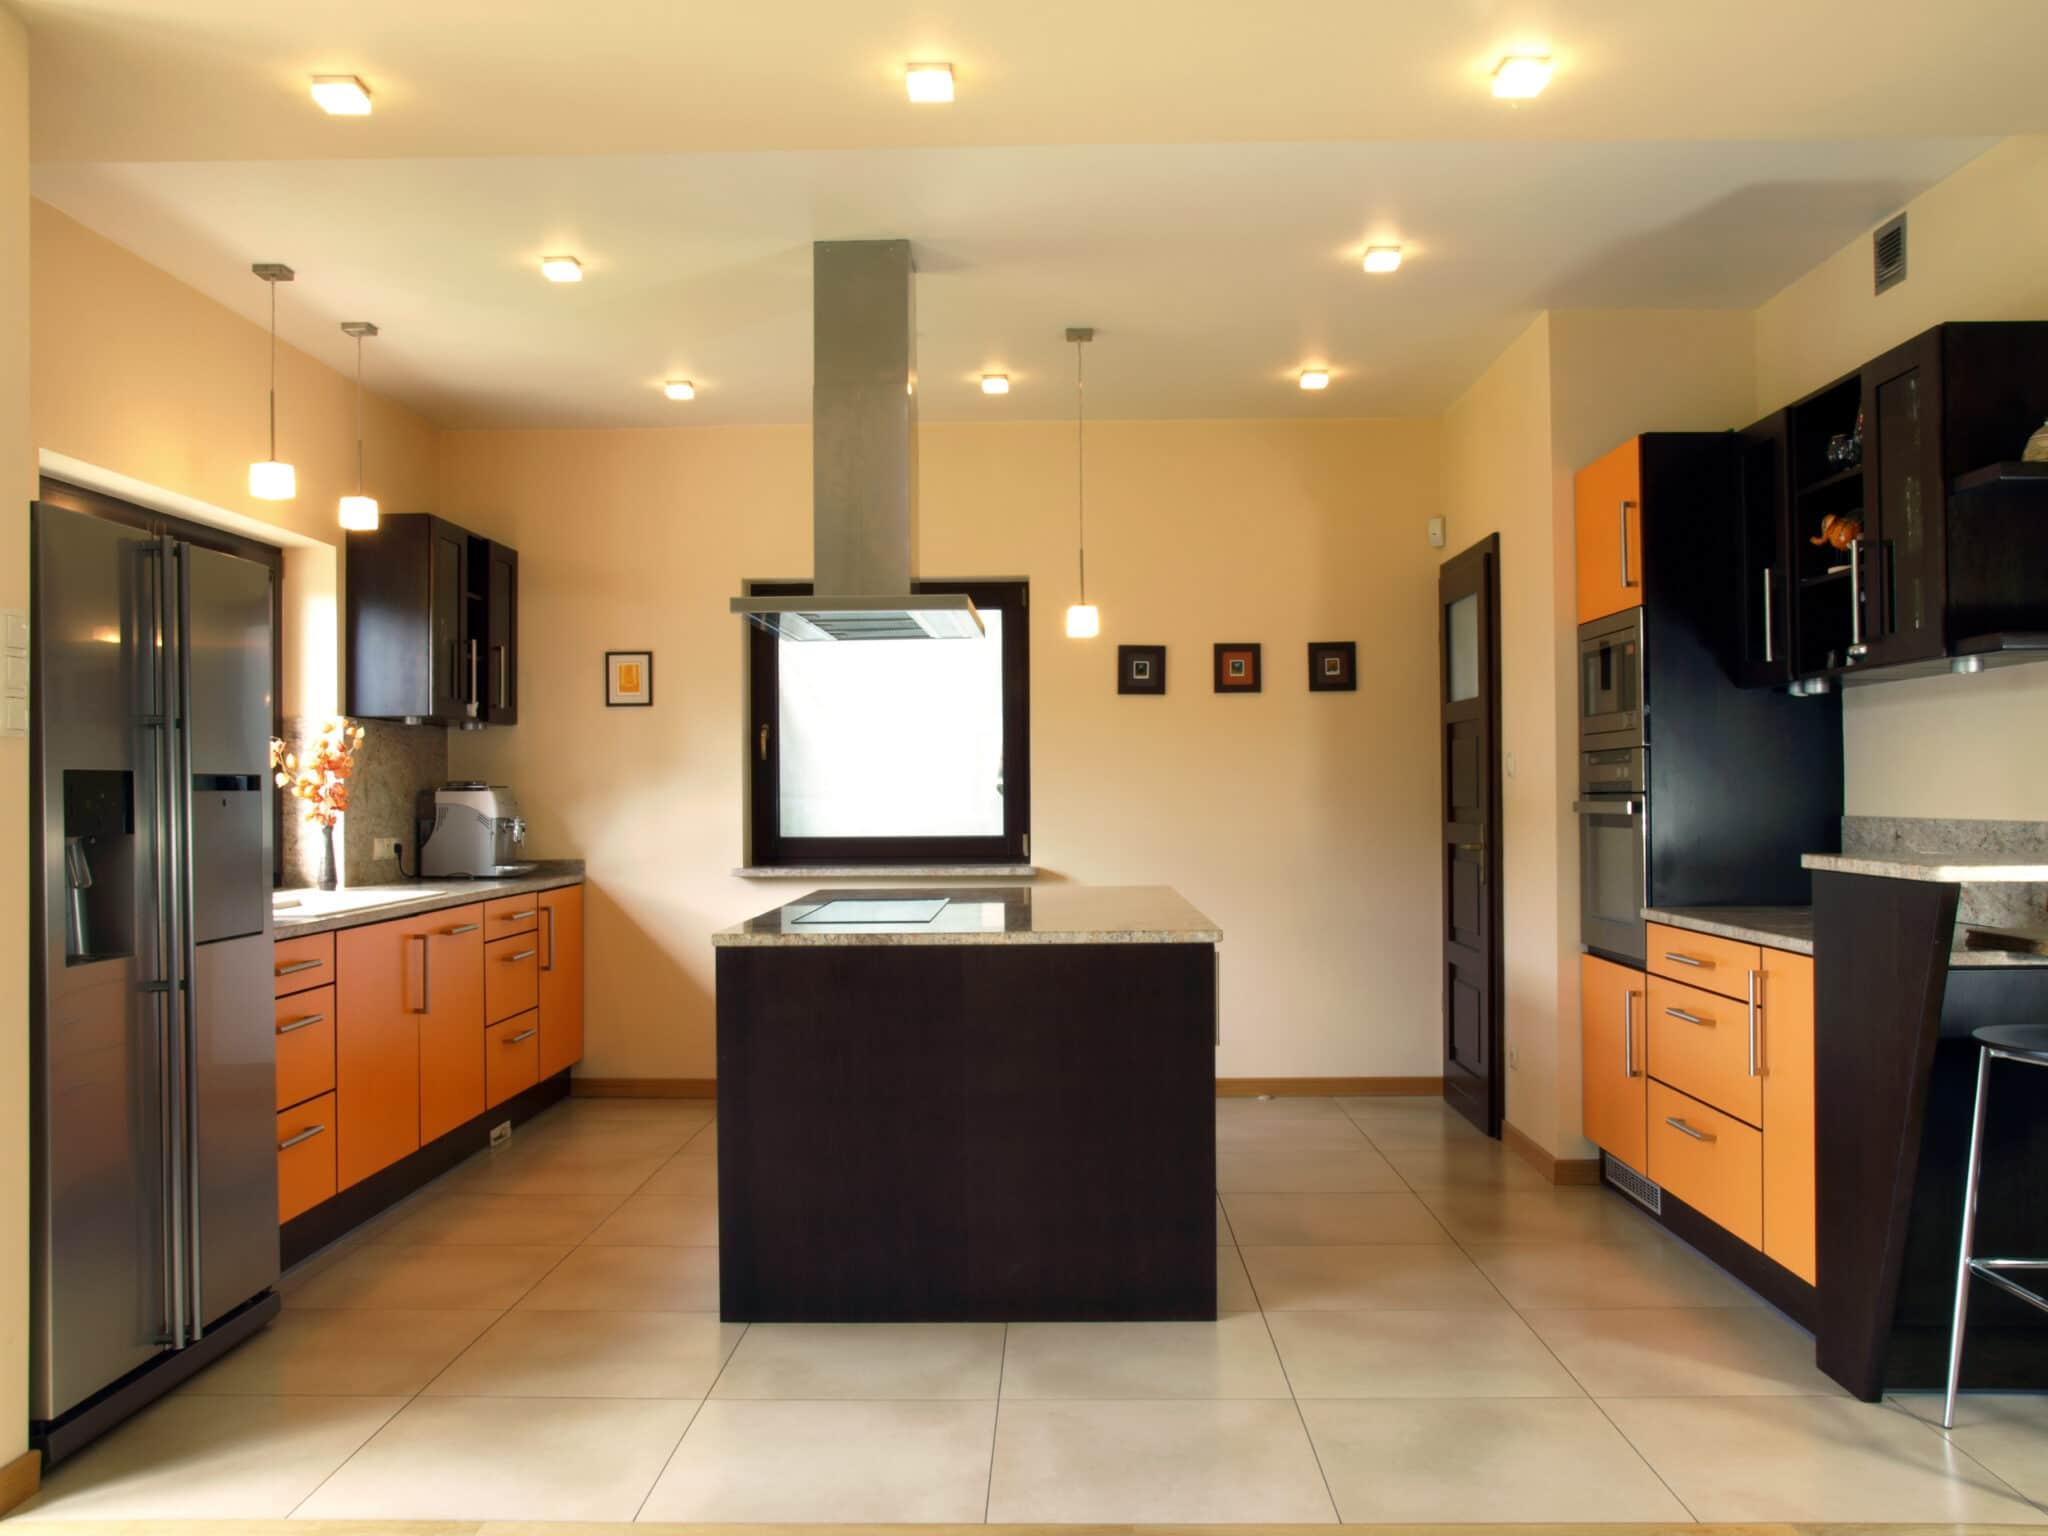 עיצוב מטבחים בהתאמהמעצבי מטבחים קלאסיים זמינים בכל זמן עם יכולות טכניות גבוהות באספקה ושירות שיודעים לספק שירות אדיב ומקצועי, שמומחים לשירותי ייצור ועיצוב מטבחים בד בבד אפיון דרישות הלקוח ומסירת המטבח